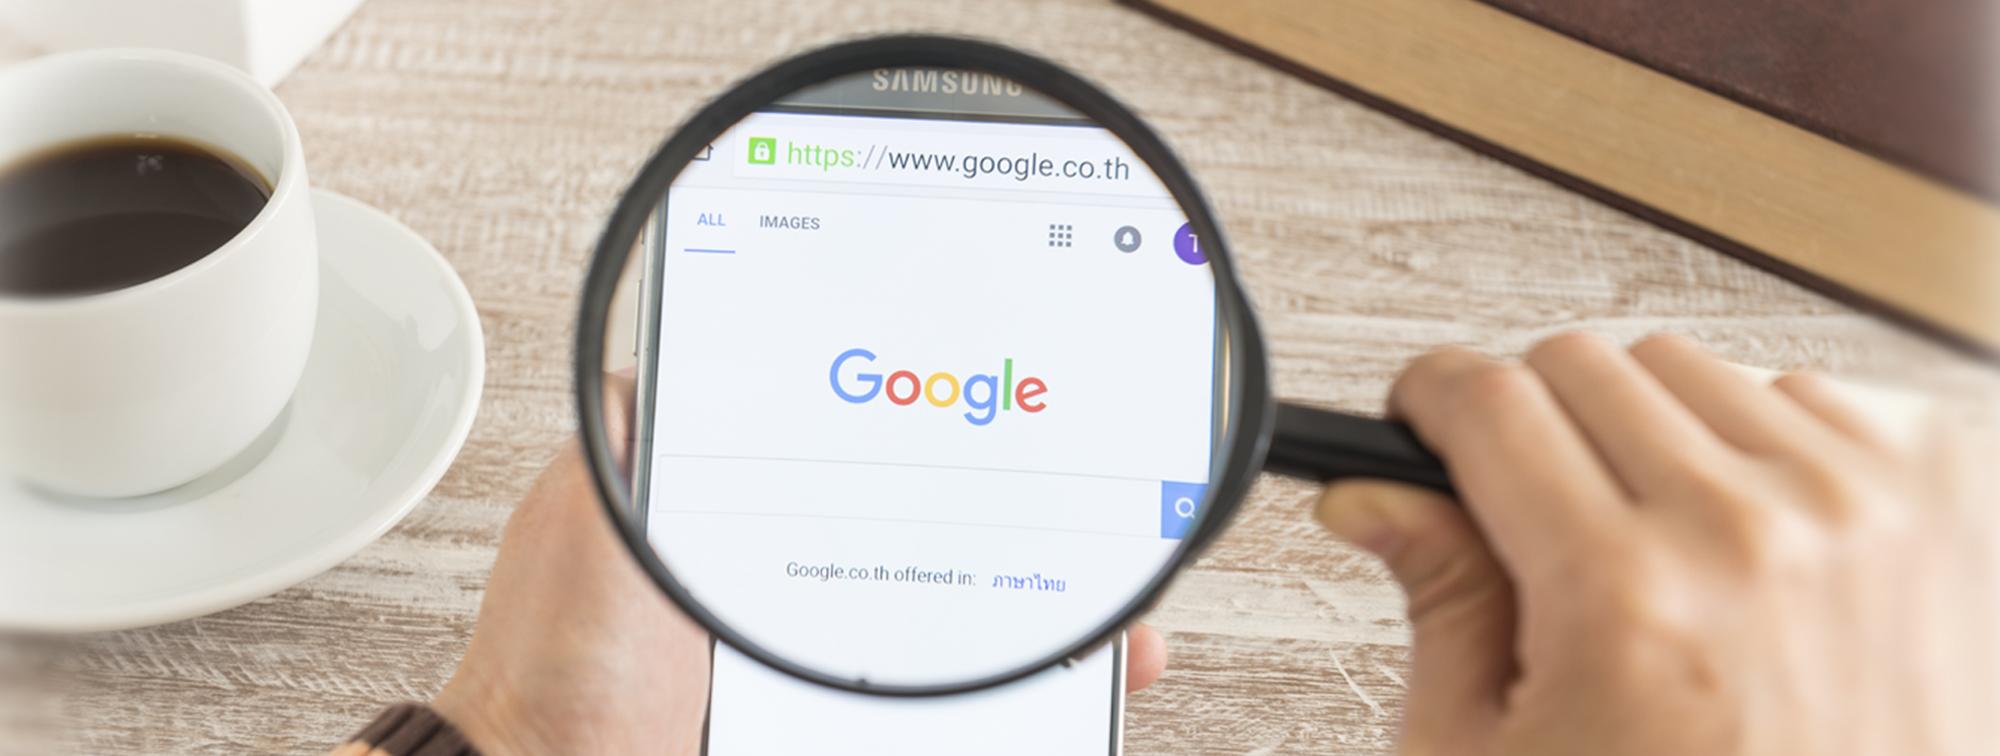 warum-google-bewertungen-nicht-reichen_header